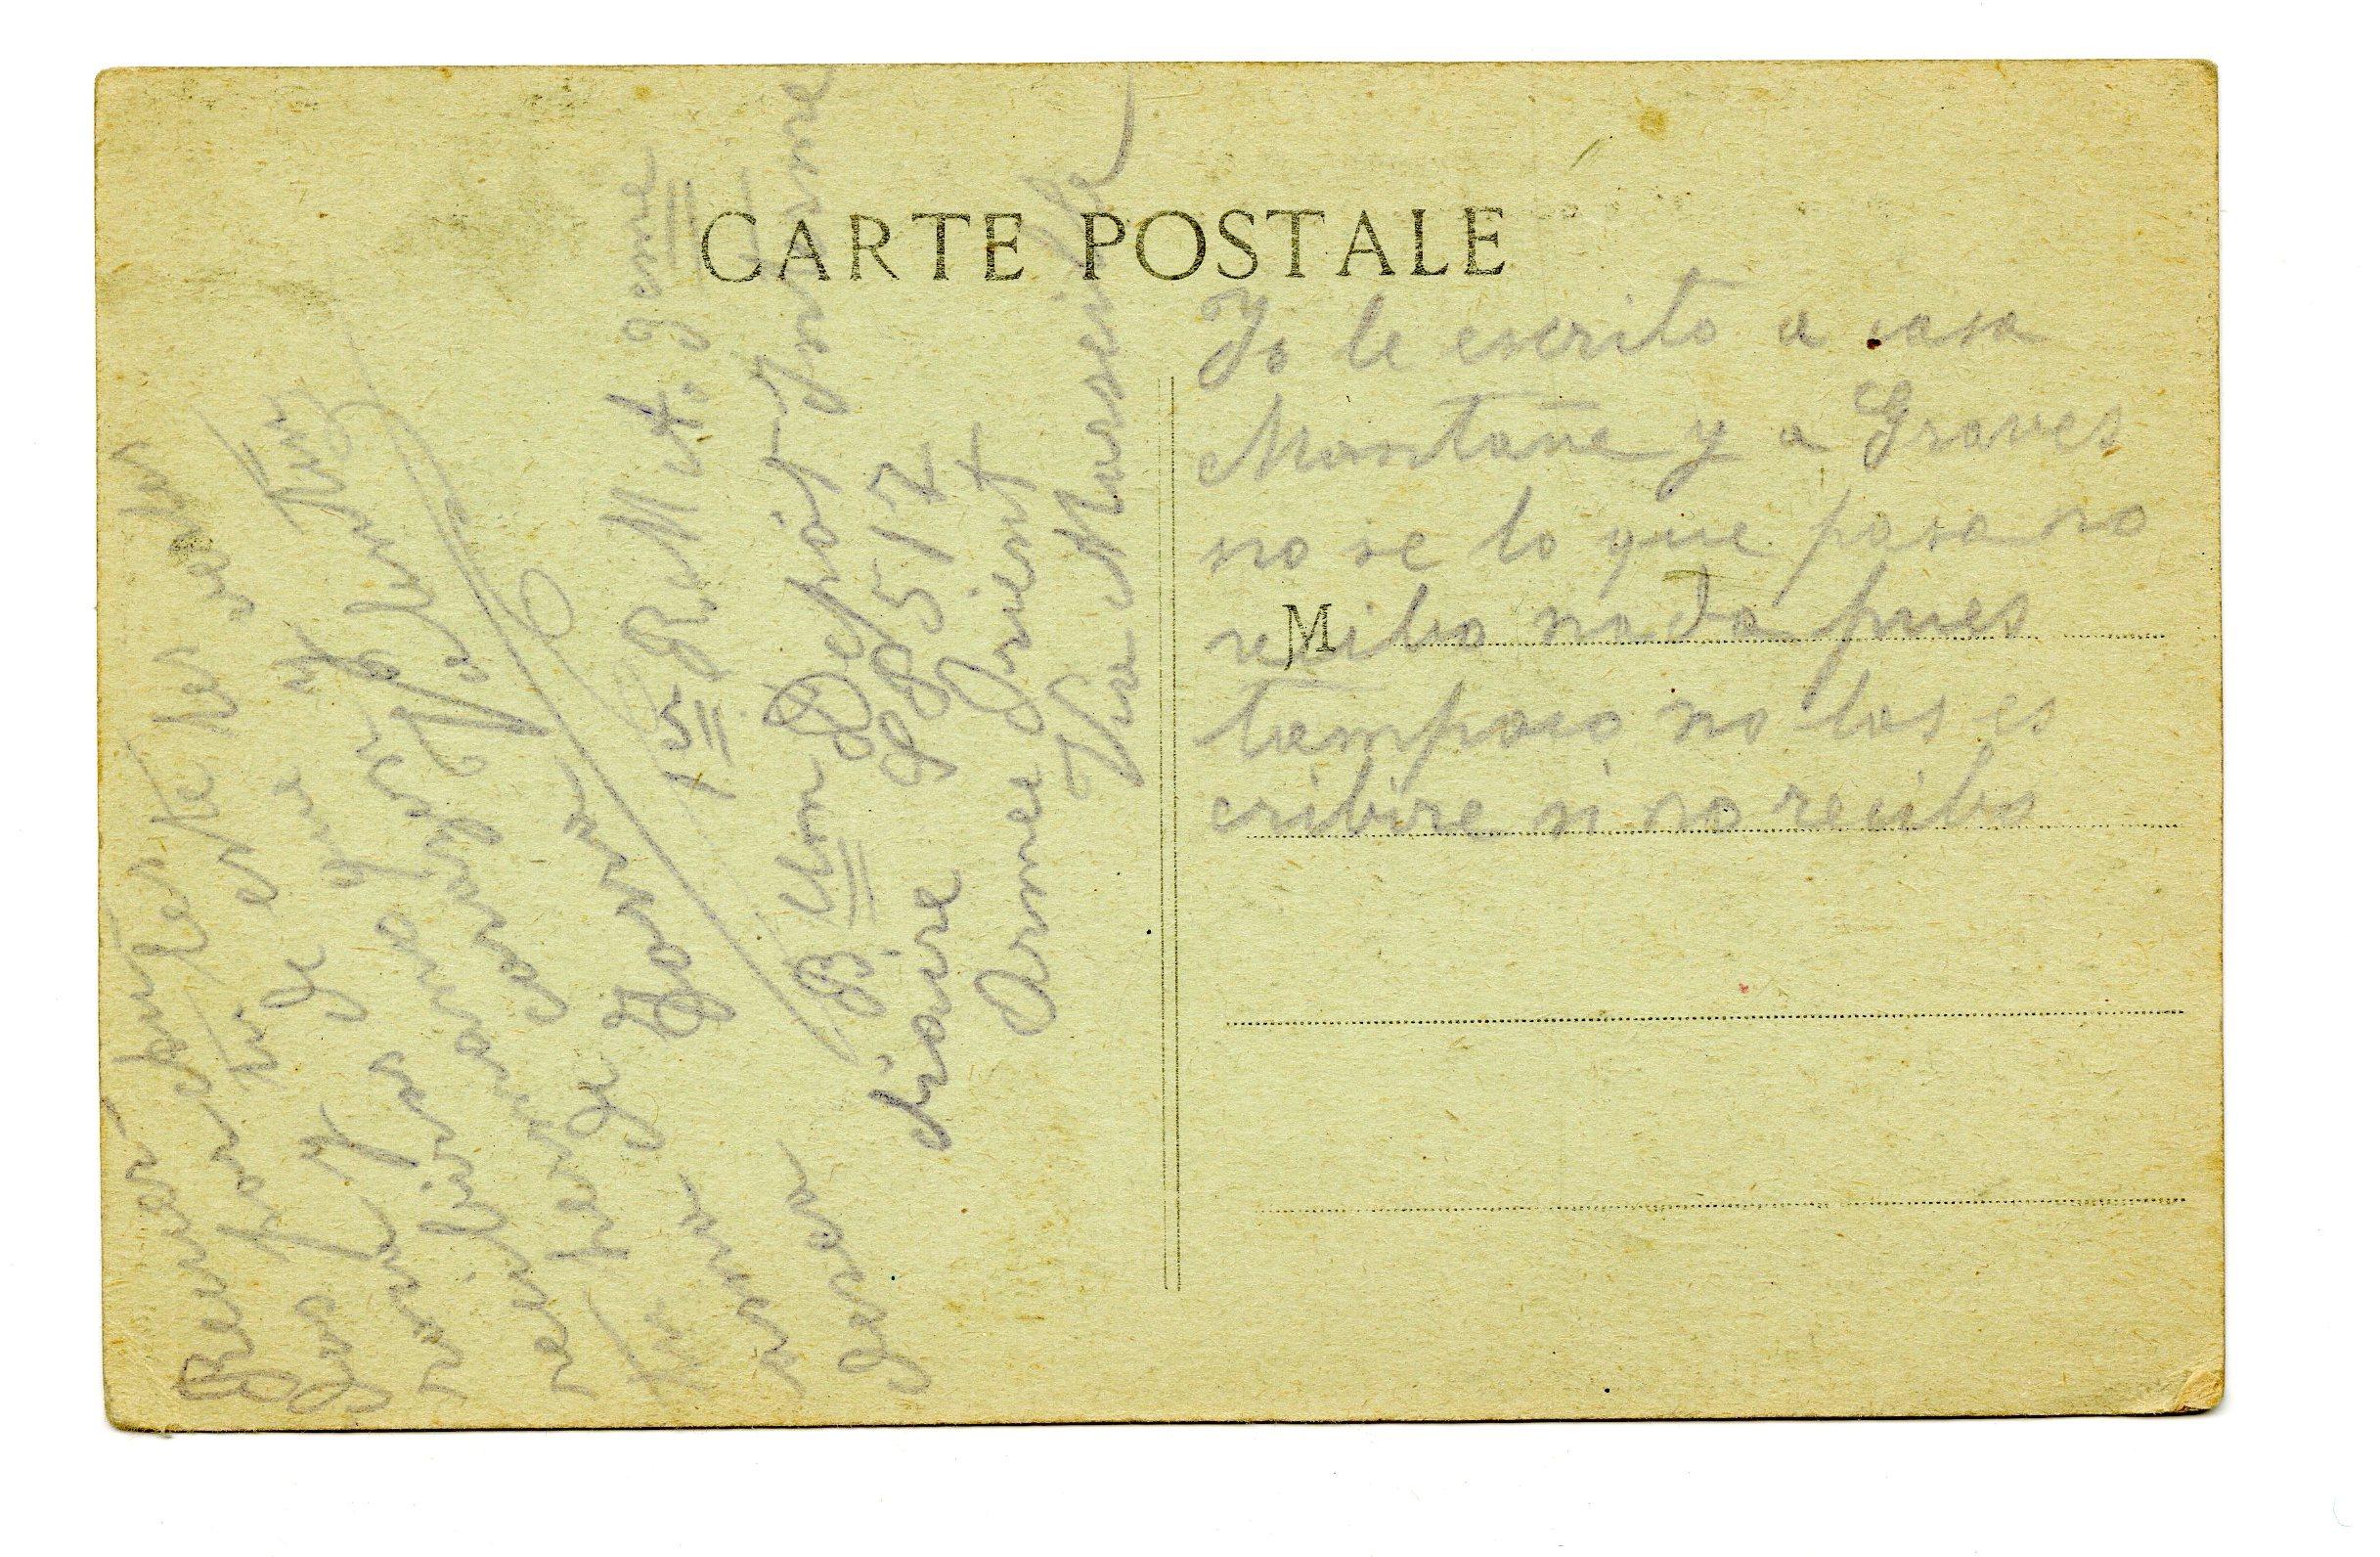 Carte Postale De La Campagne D Orient Transcribathon